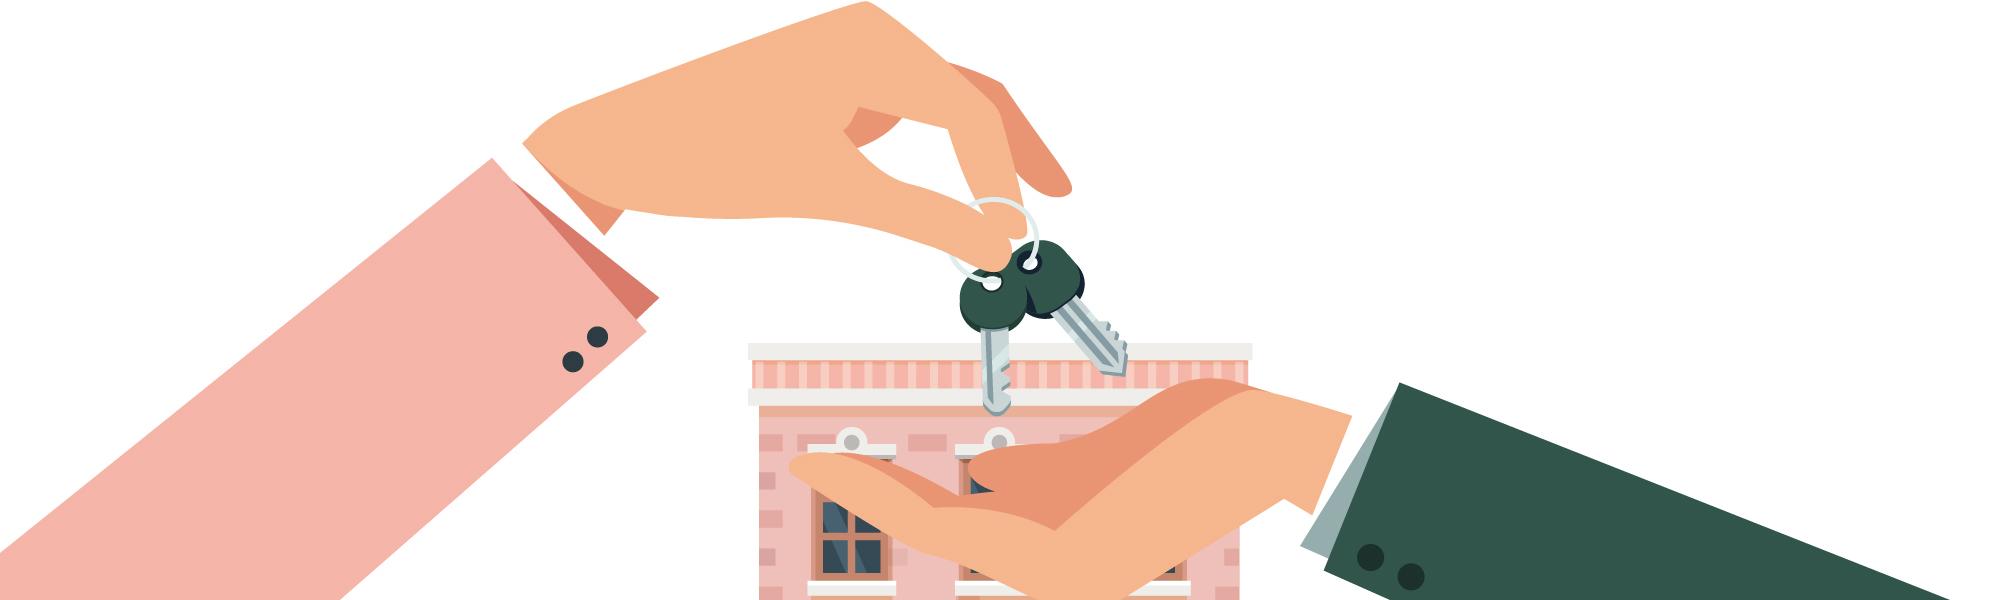 Deux mains échangeant les clés du bien acheté pour être mis en location